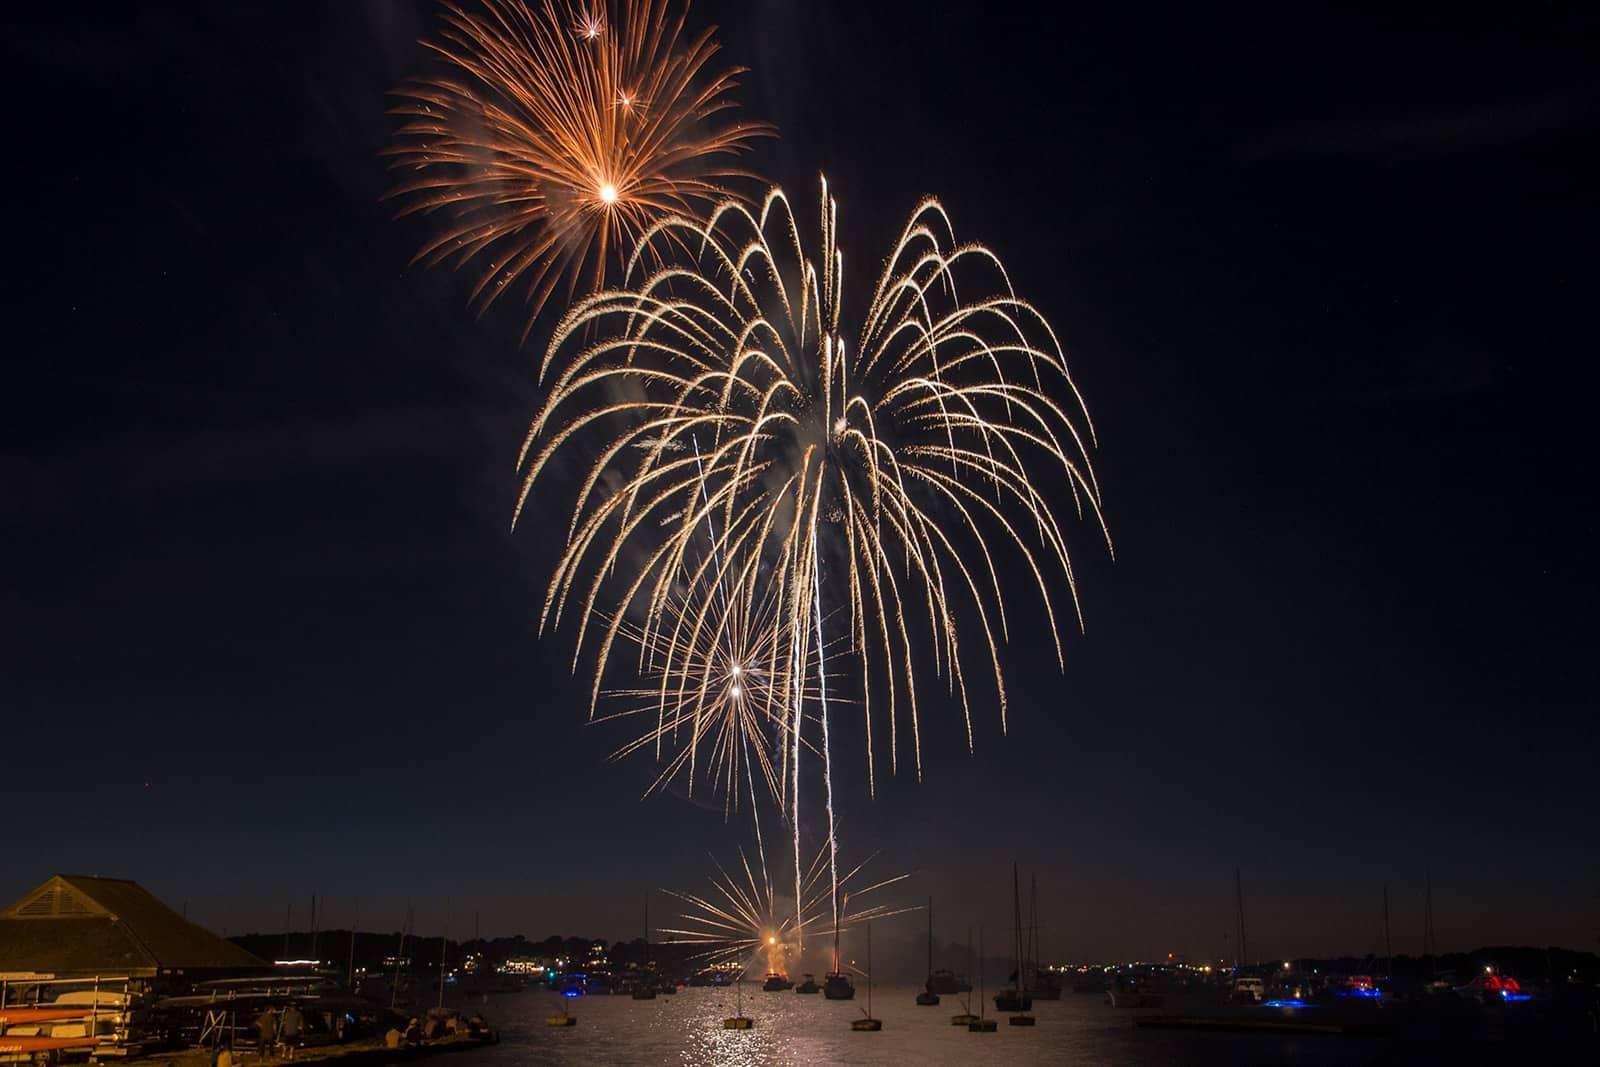 Massachusetts Fireworks - Hingham Fireworks